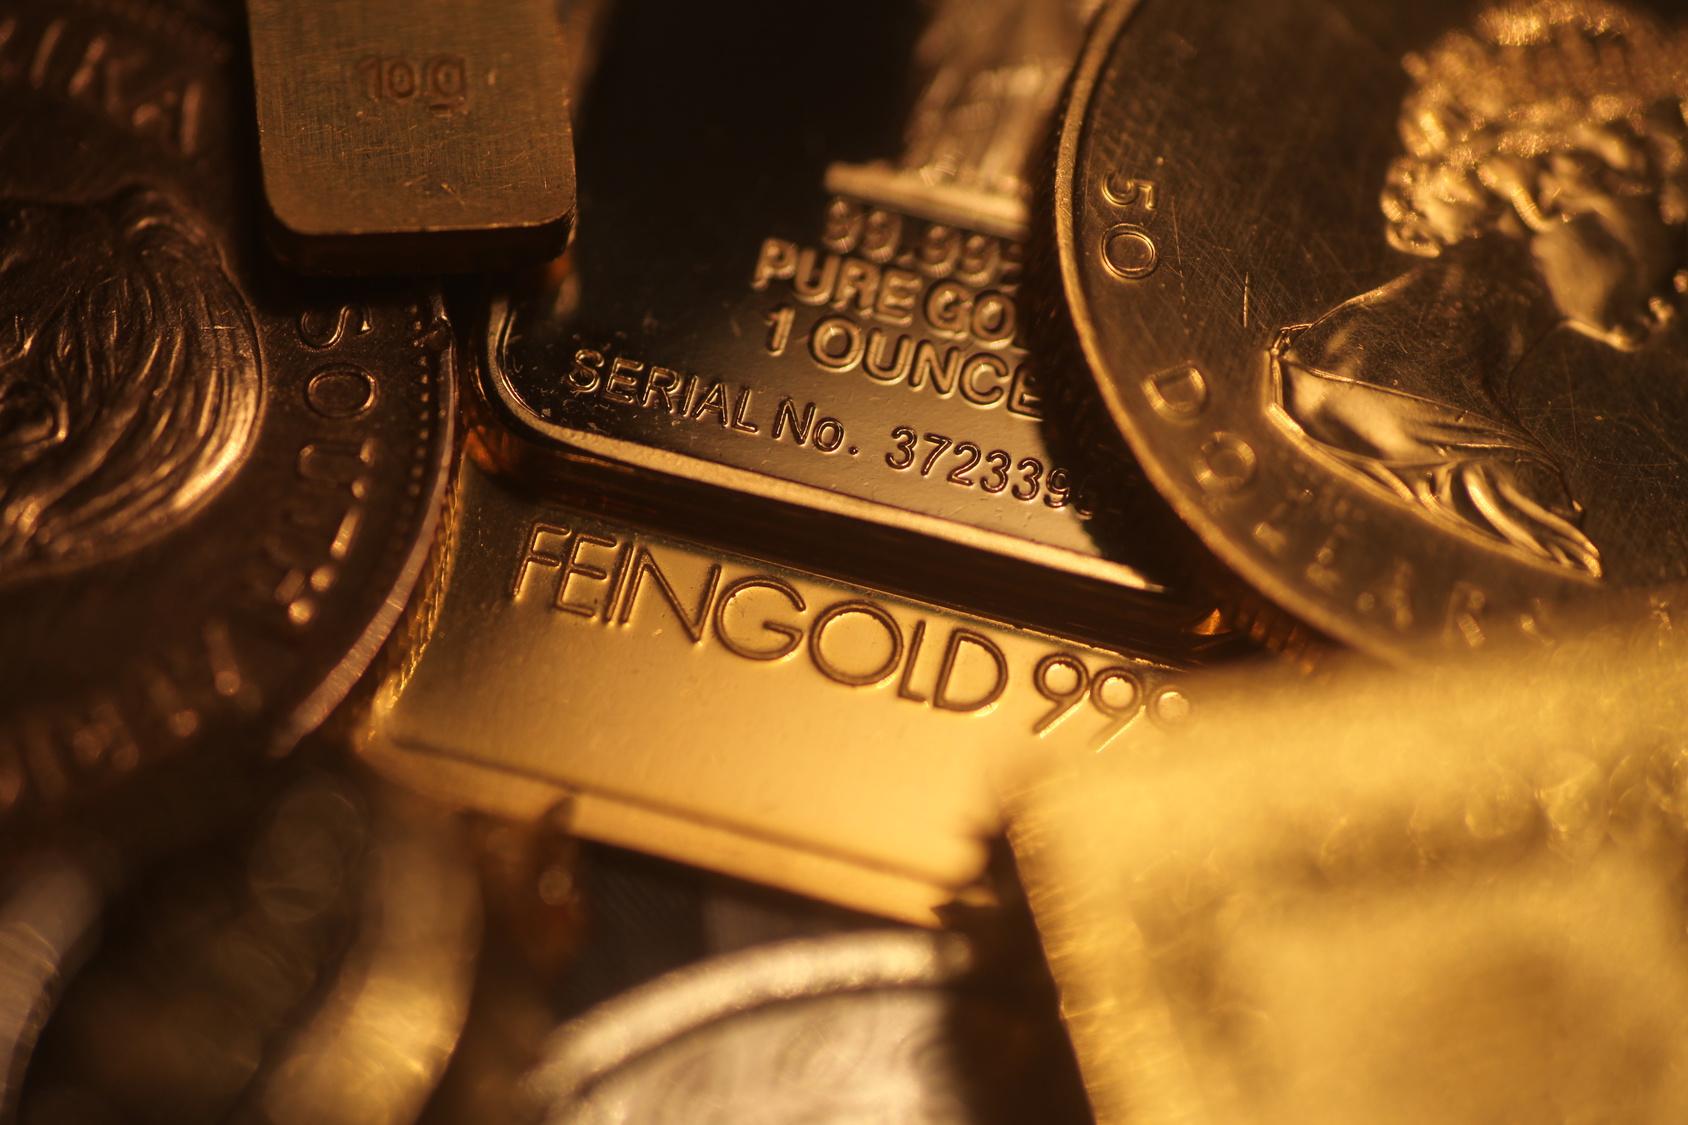 Moneygold